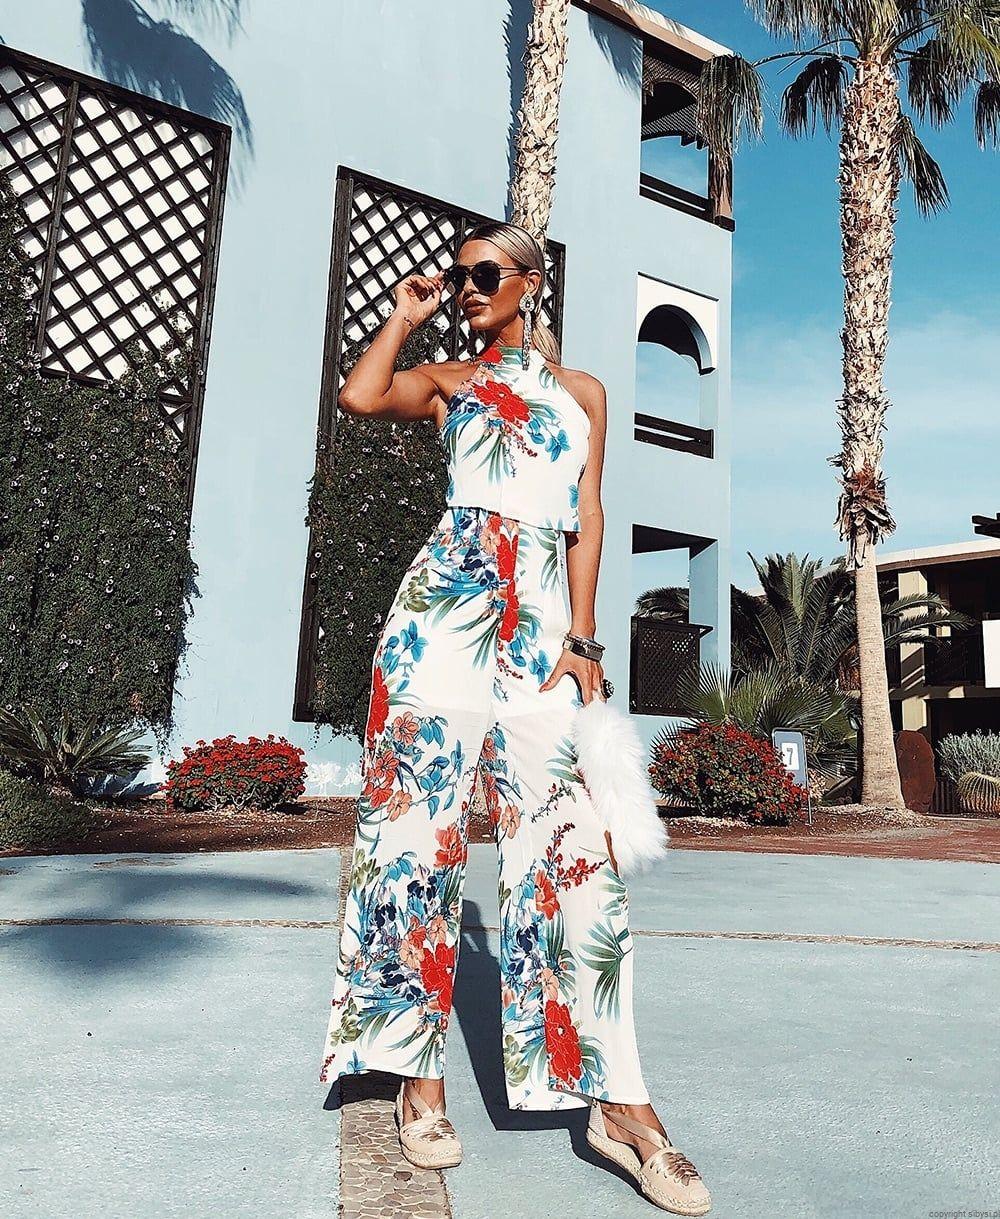 Kombinezon W Kwiaty Szerokie Nogawki Floral Print Jumpsuit Wide Leg Jumpsuit Floral Jumpsuit